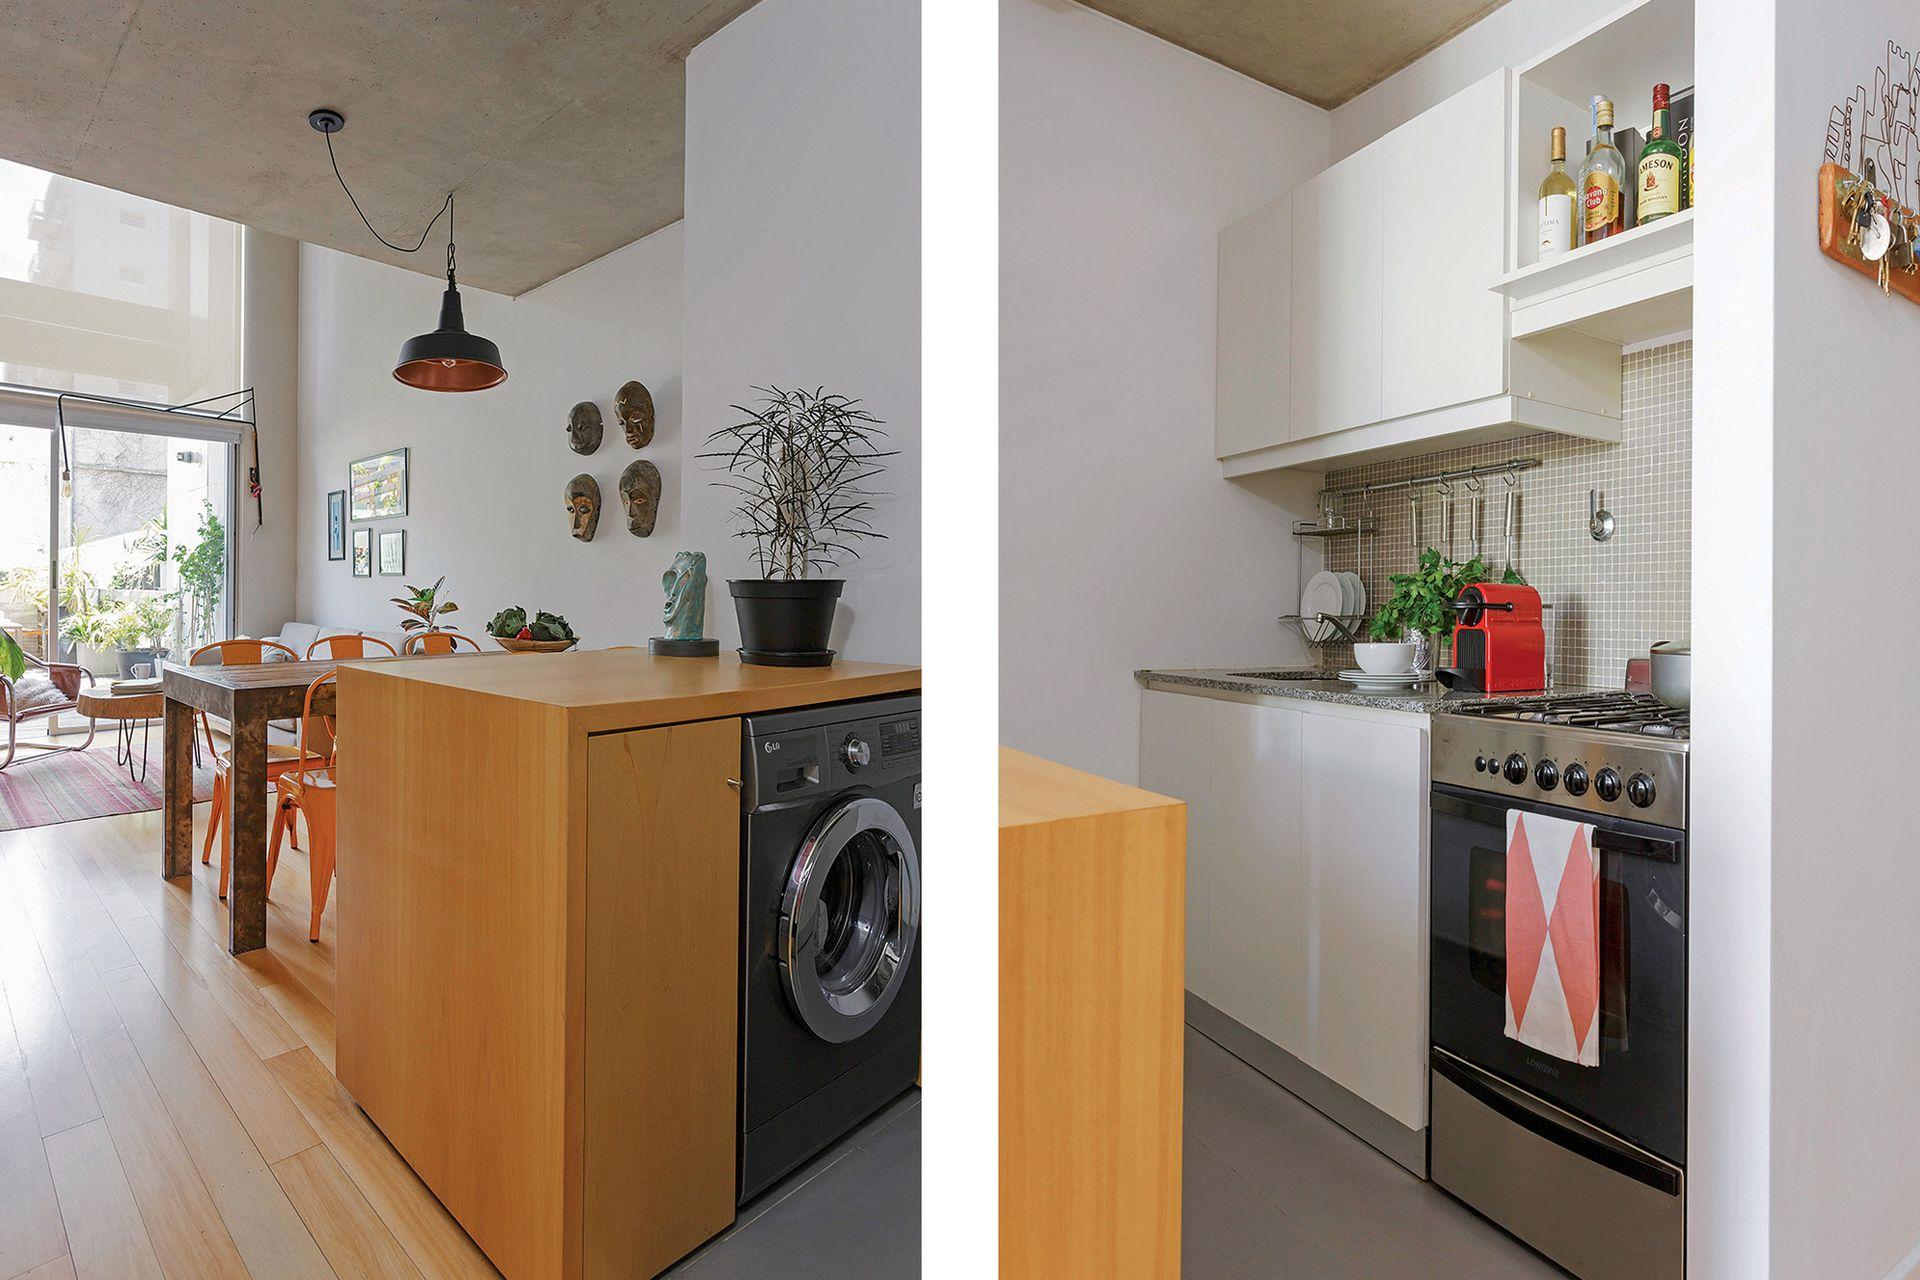 Simple y funcional, la cocina tiene barra de madera y muebles con frentes enchapados en los tres departamentos.